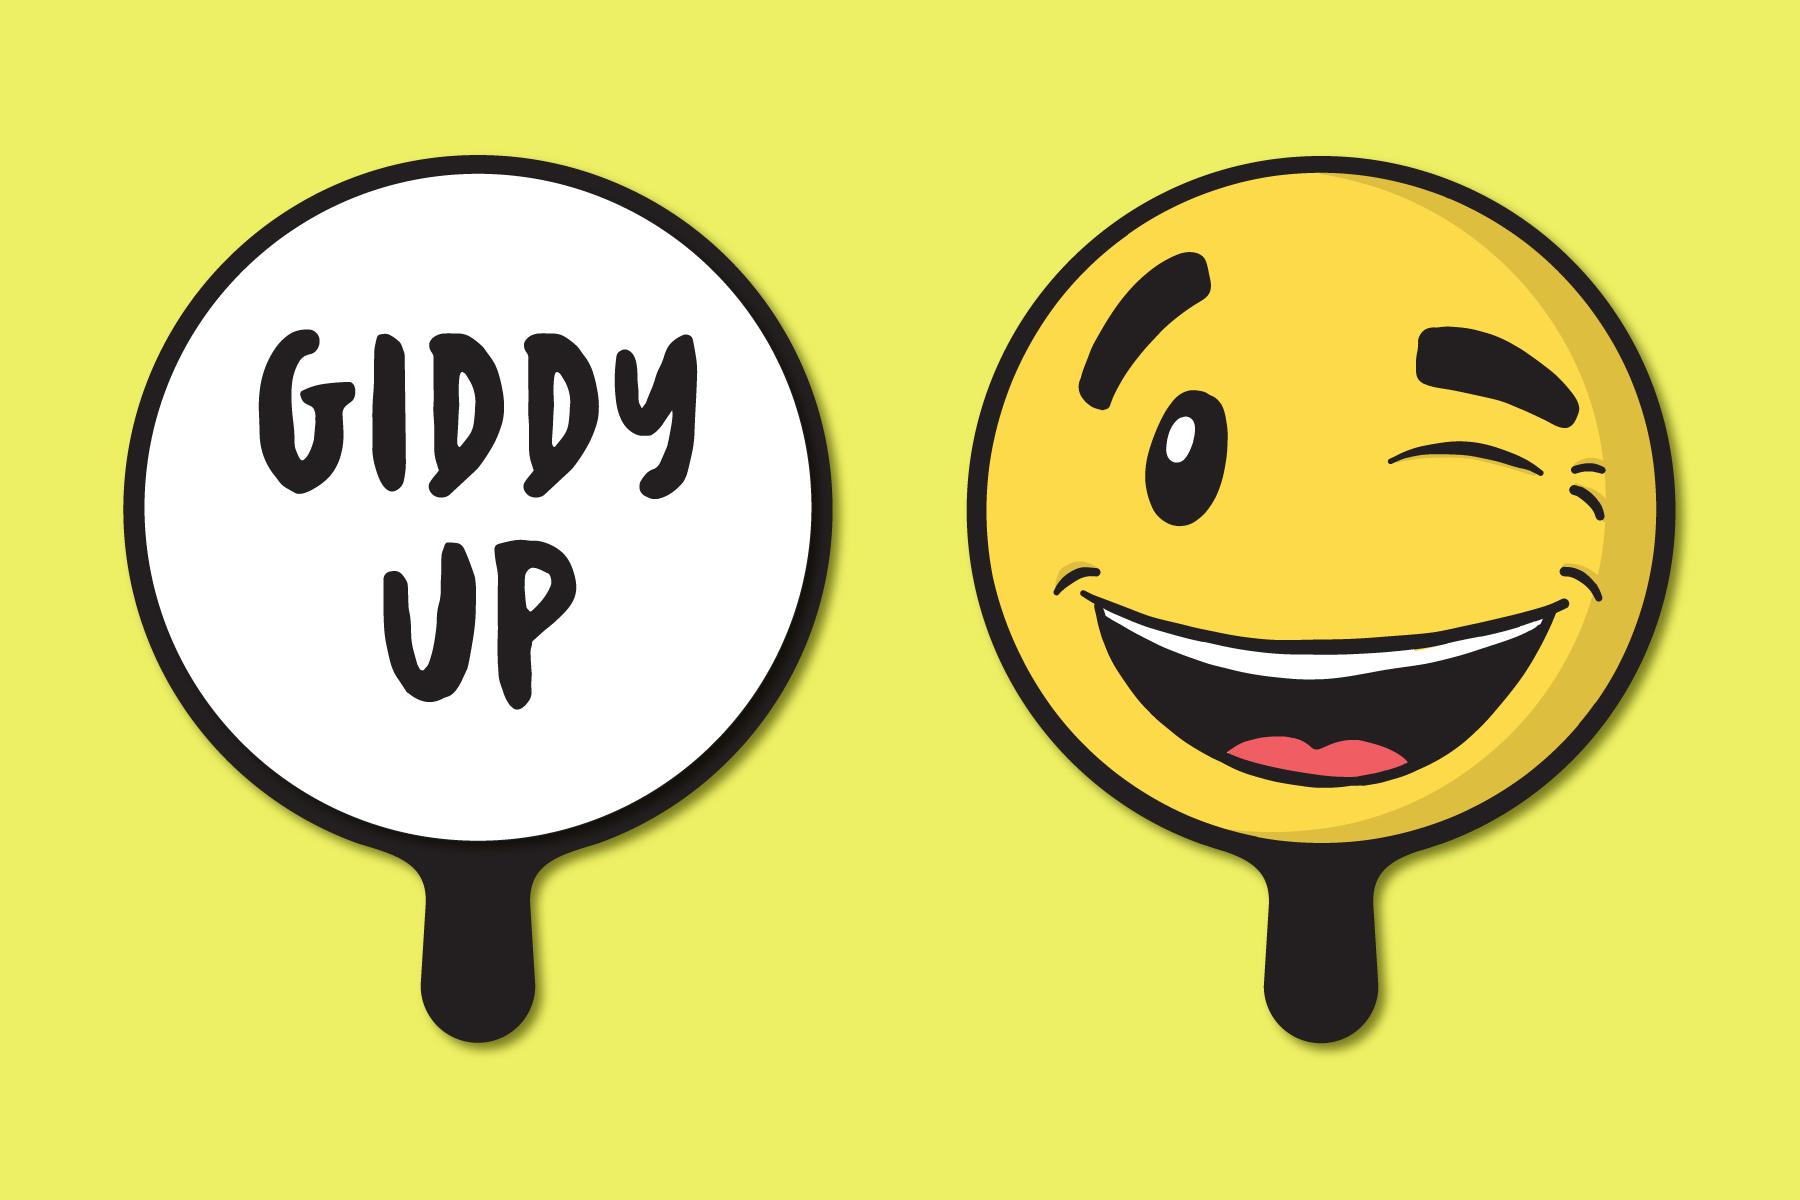 giddy-up.jpg